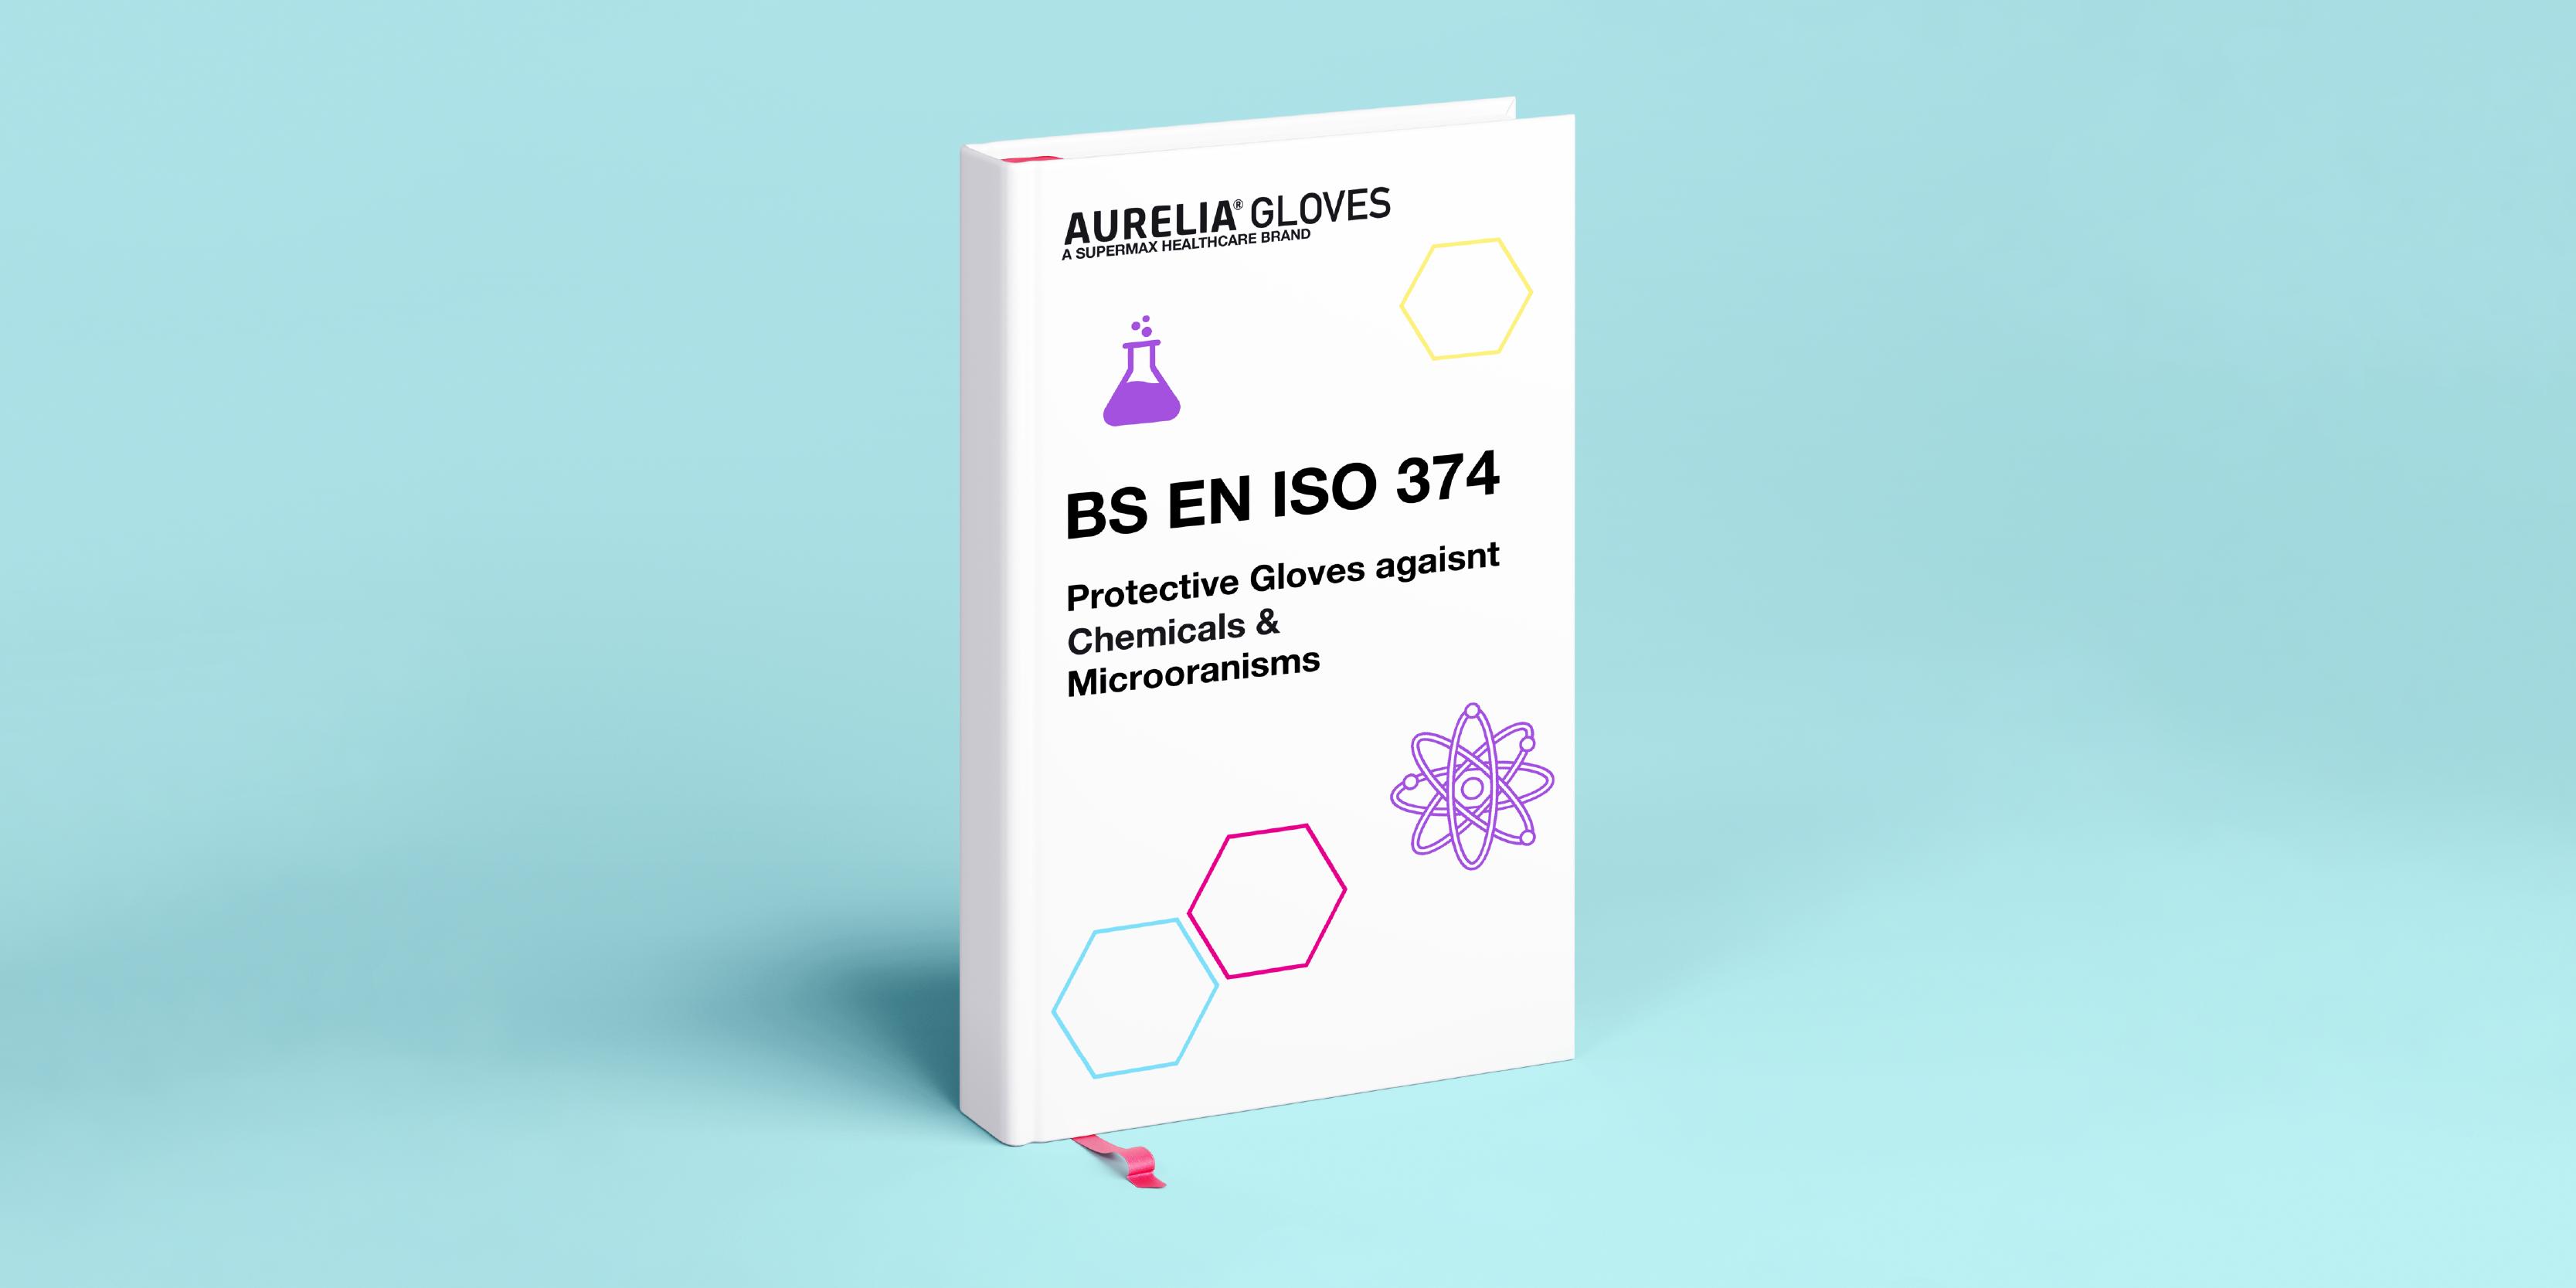 BS EN ISO 374